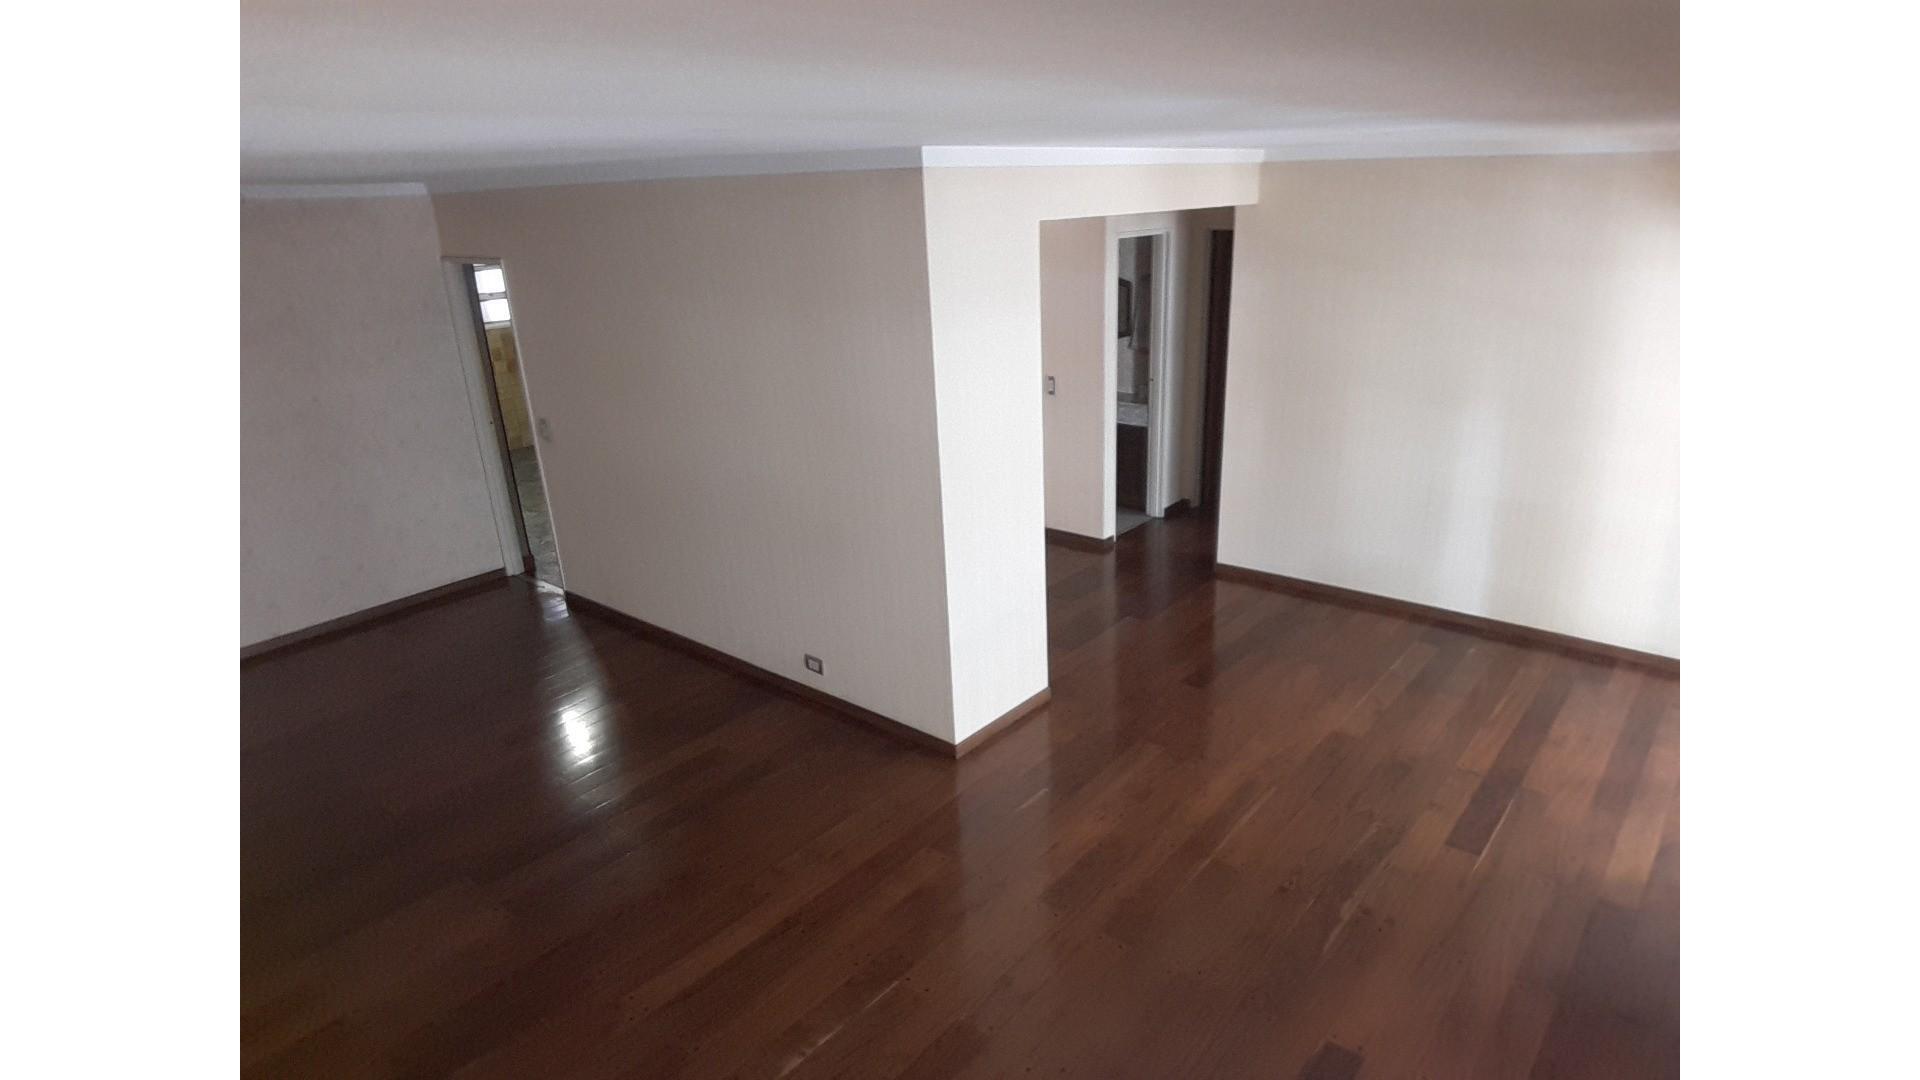 Excelente 2ºPiso Hall  priv. 5 ambientes + dependencia y lav. independiente - balcones al frente